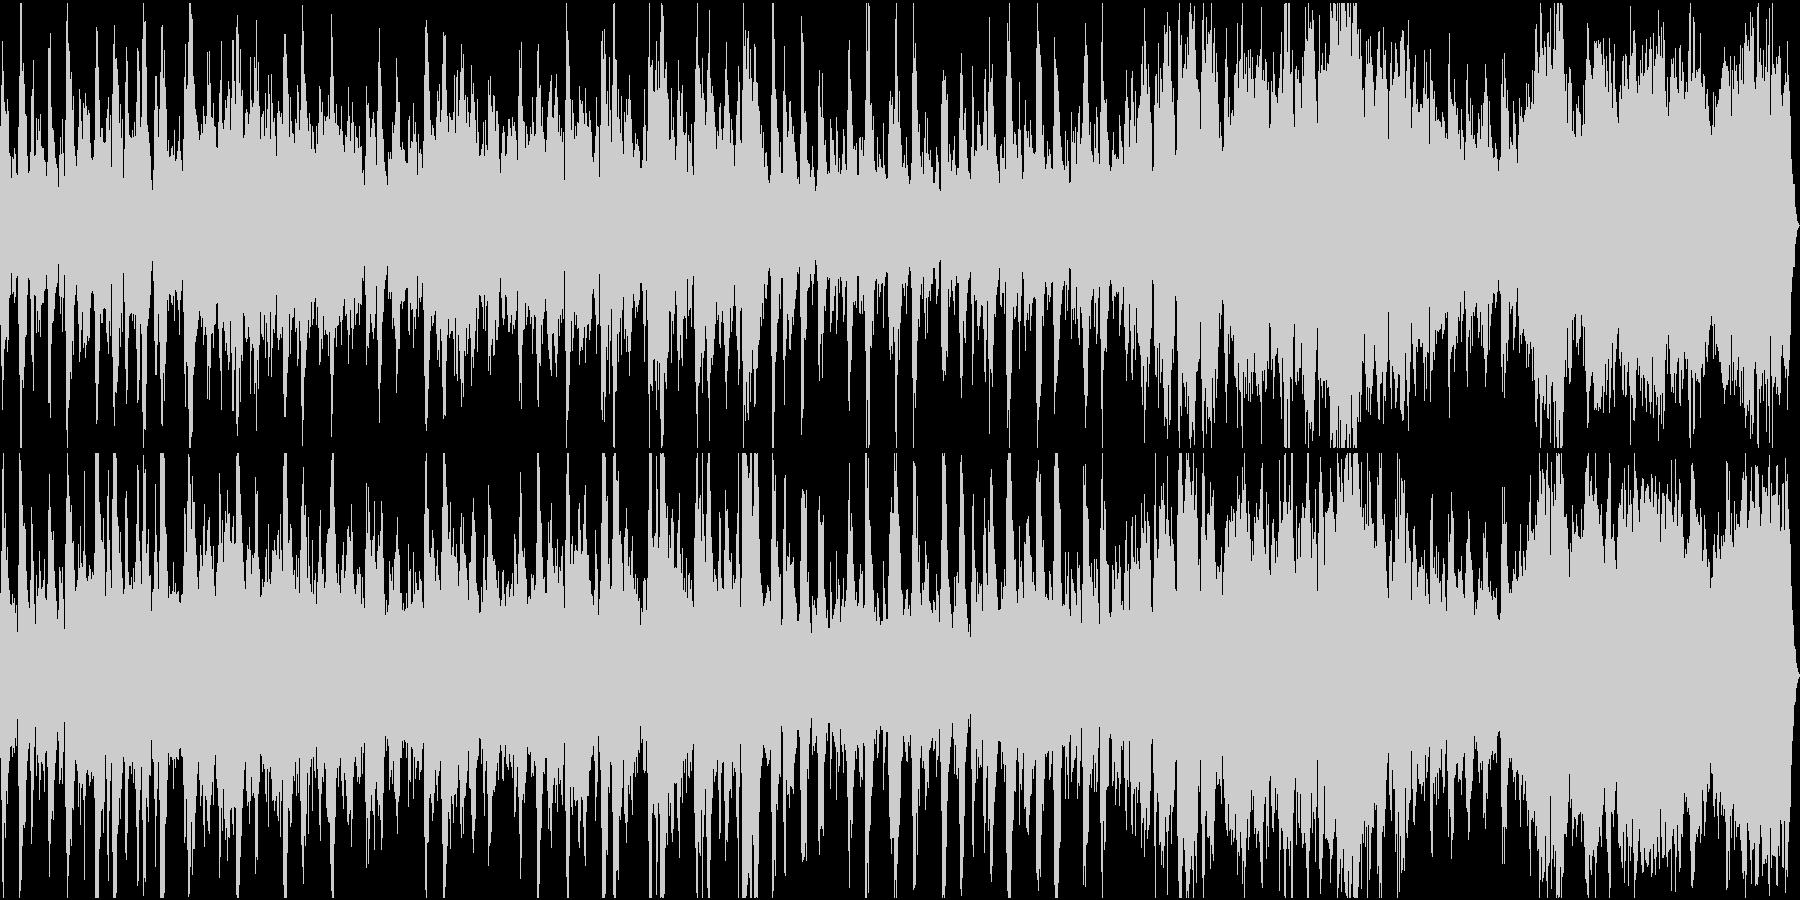 緊迫感のあるオーケストラ風行進曲の未再生の波形